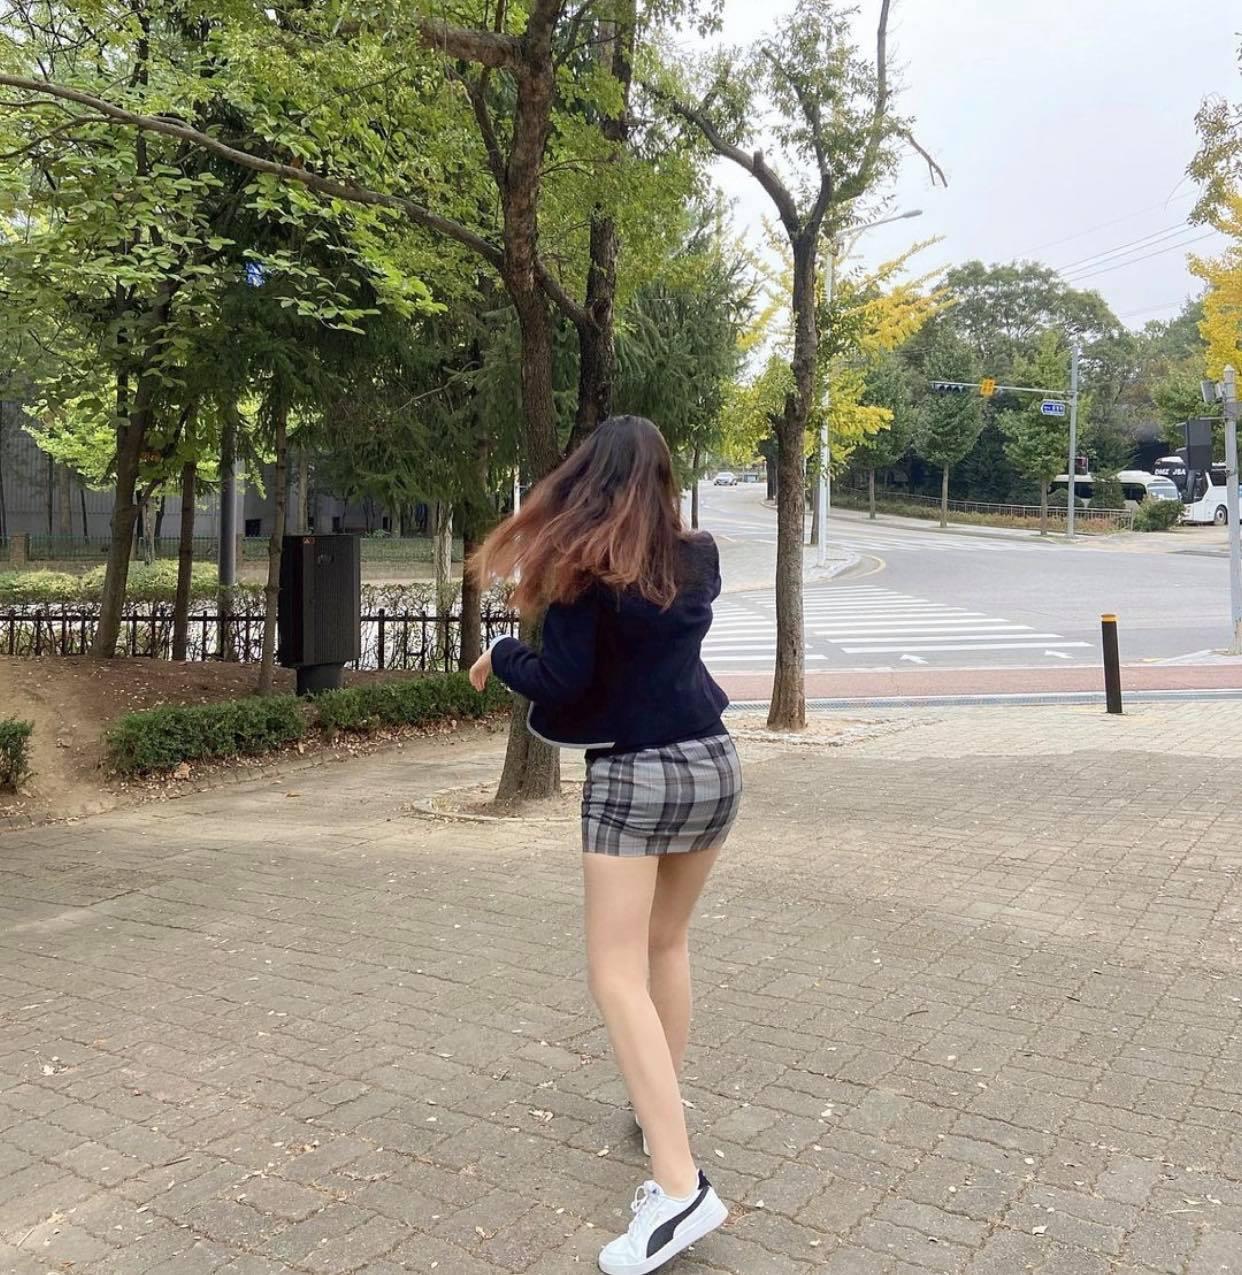 Đồng phục kiệm vải của nữ sinh Hàn khiến nhiều người lo ngại - 6